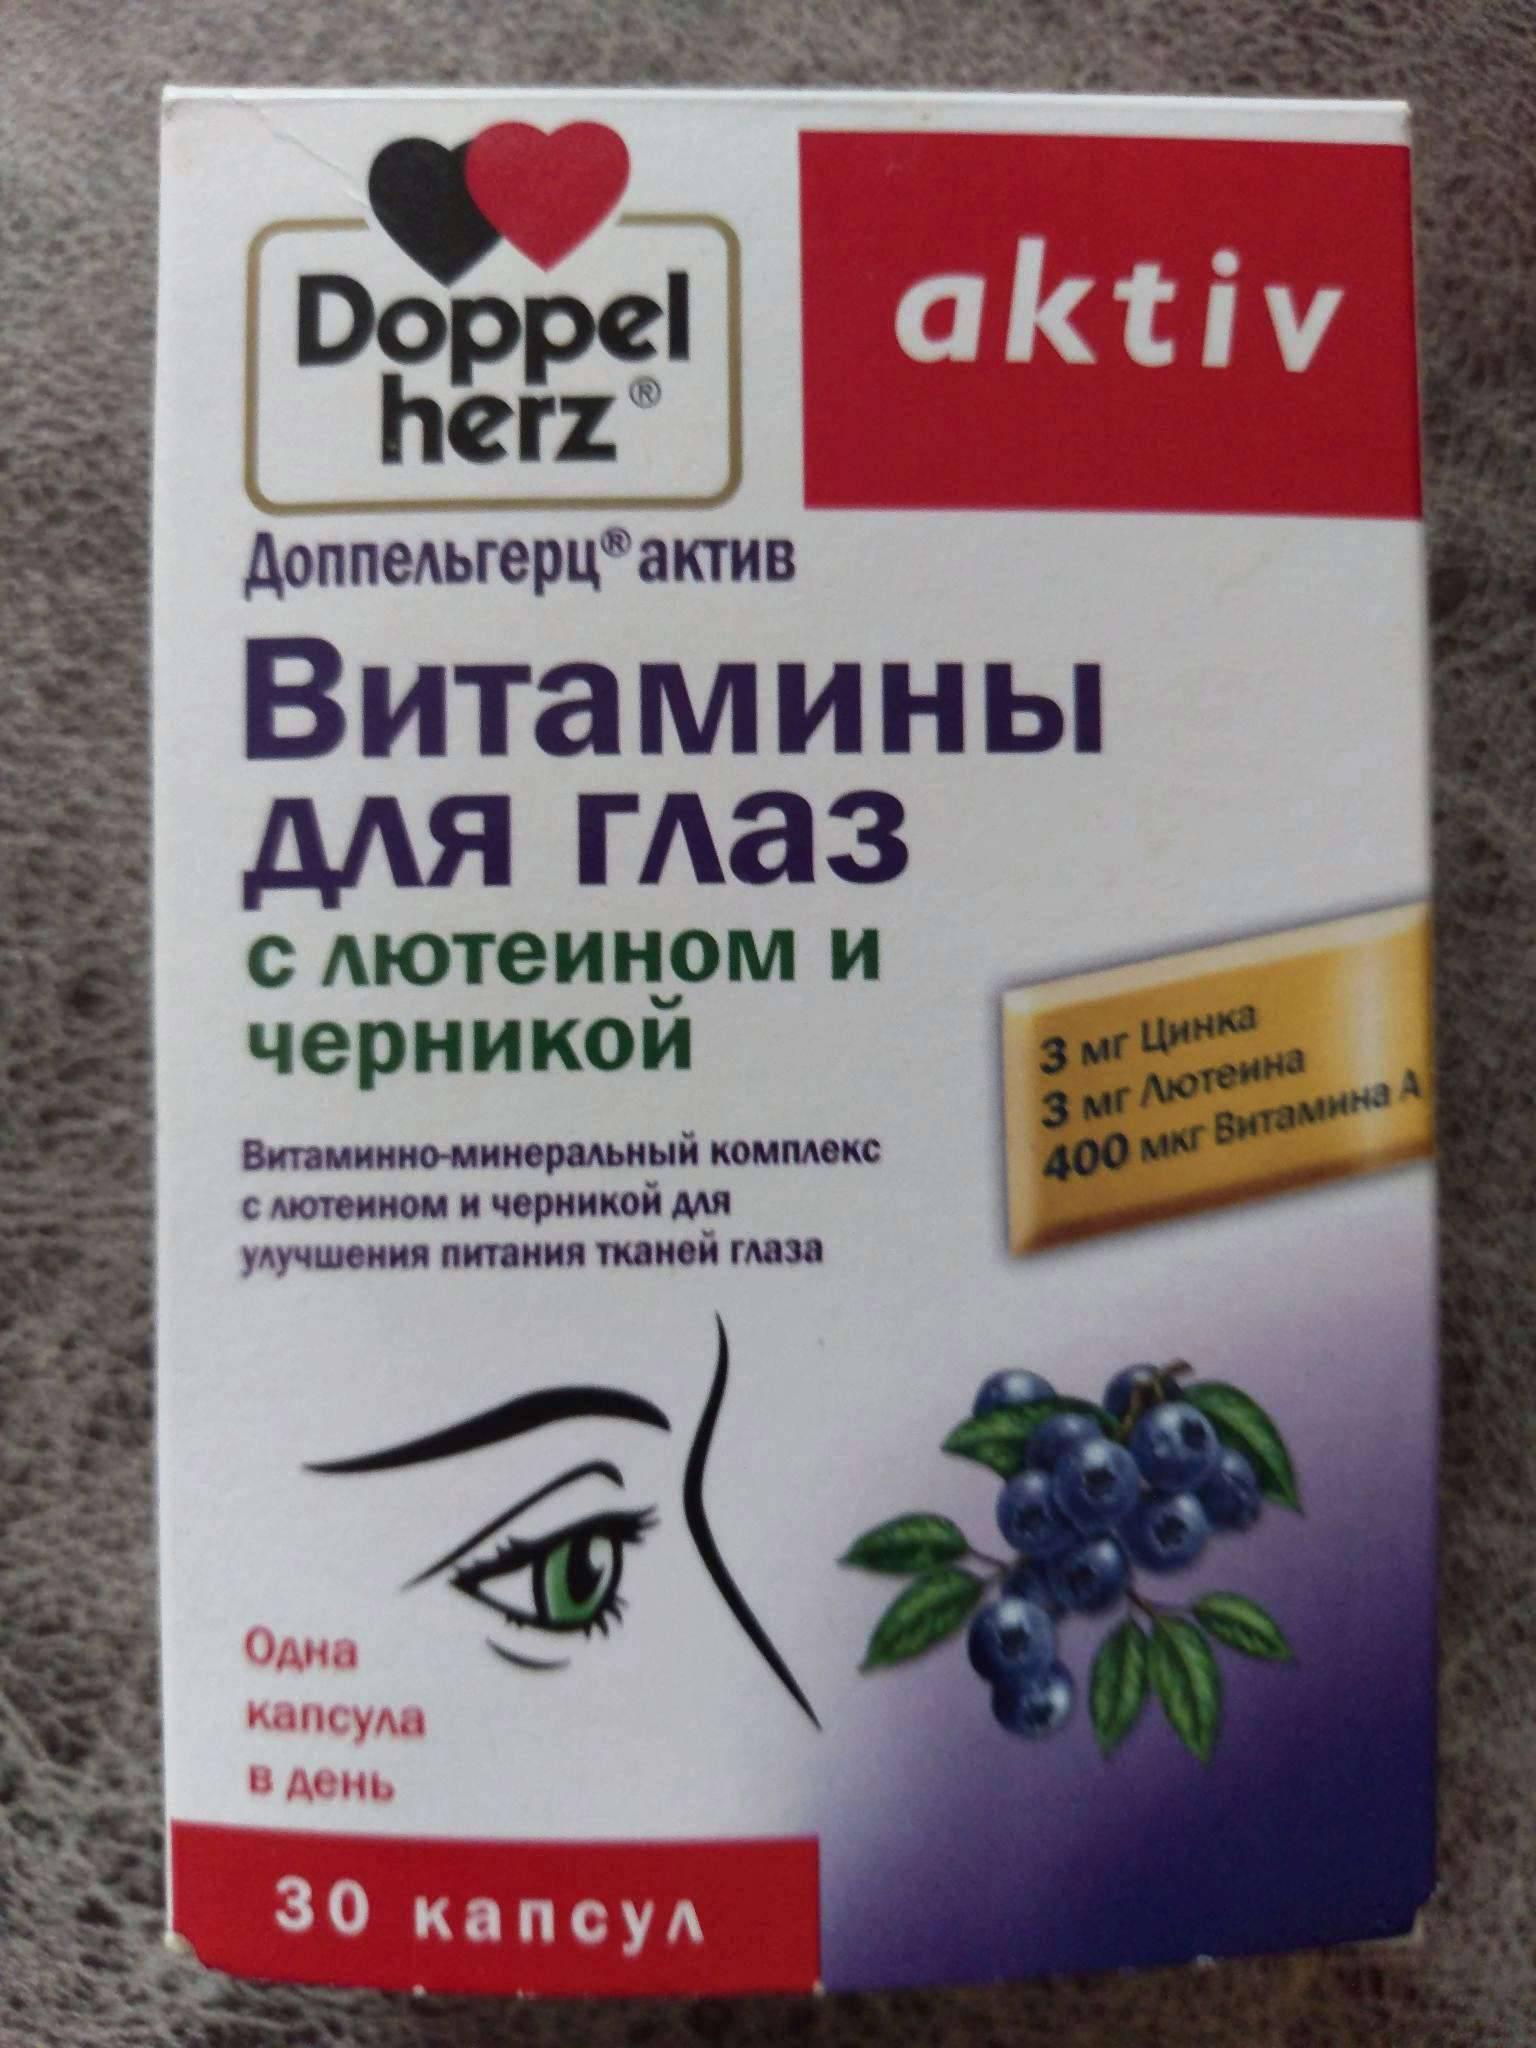 Доппельгерц для глаз: отзывы о витаминах с лютеином, состав, показания